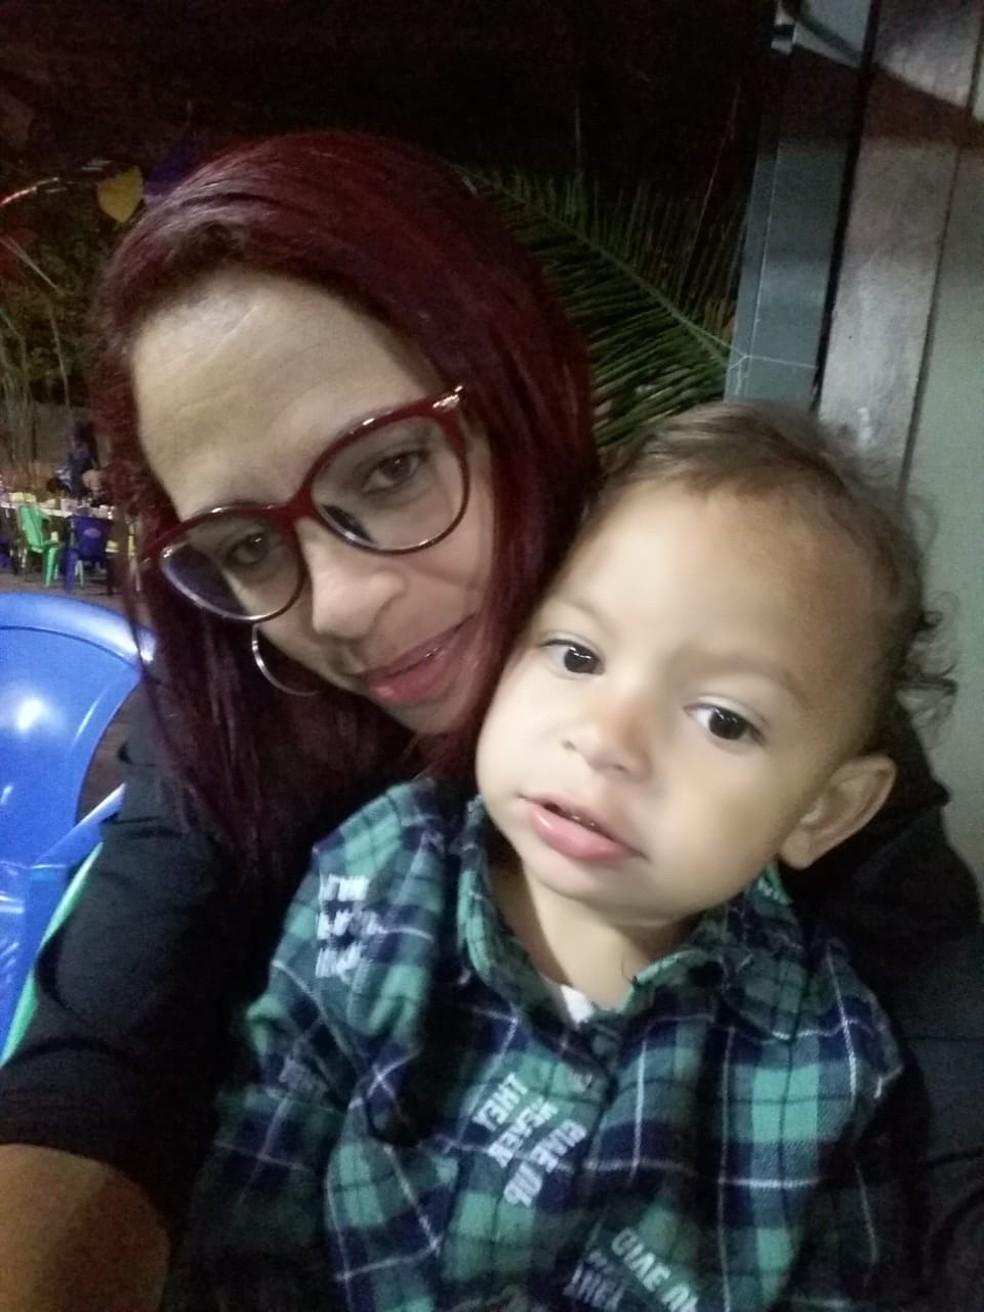 Bryan de dois anos encontrou celular e mãe faz post para devolver para verdadeiro dono, em Três Lagoas (MS). — Foto: Priscila Silva/Arquivo Pessoal